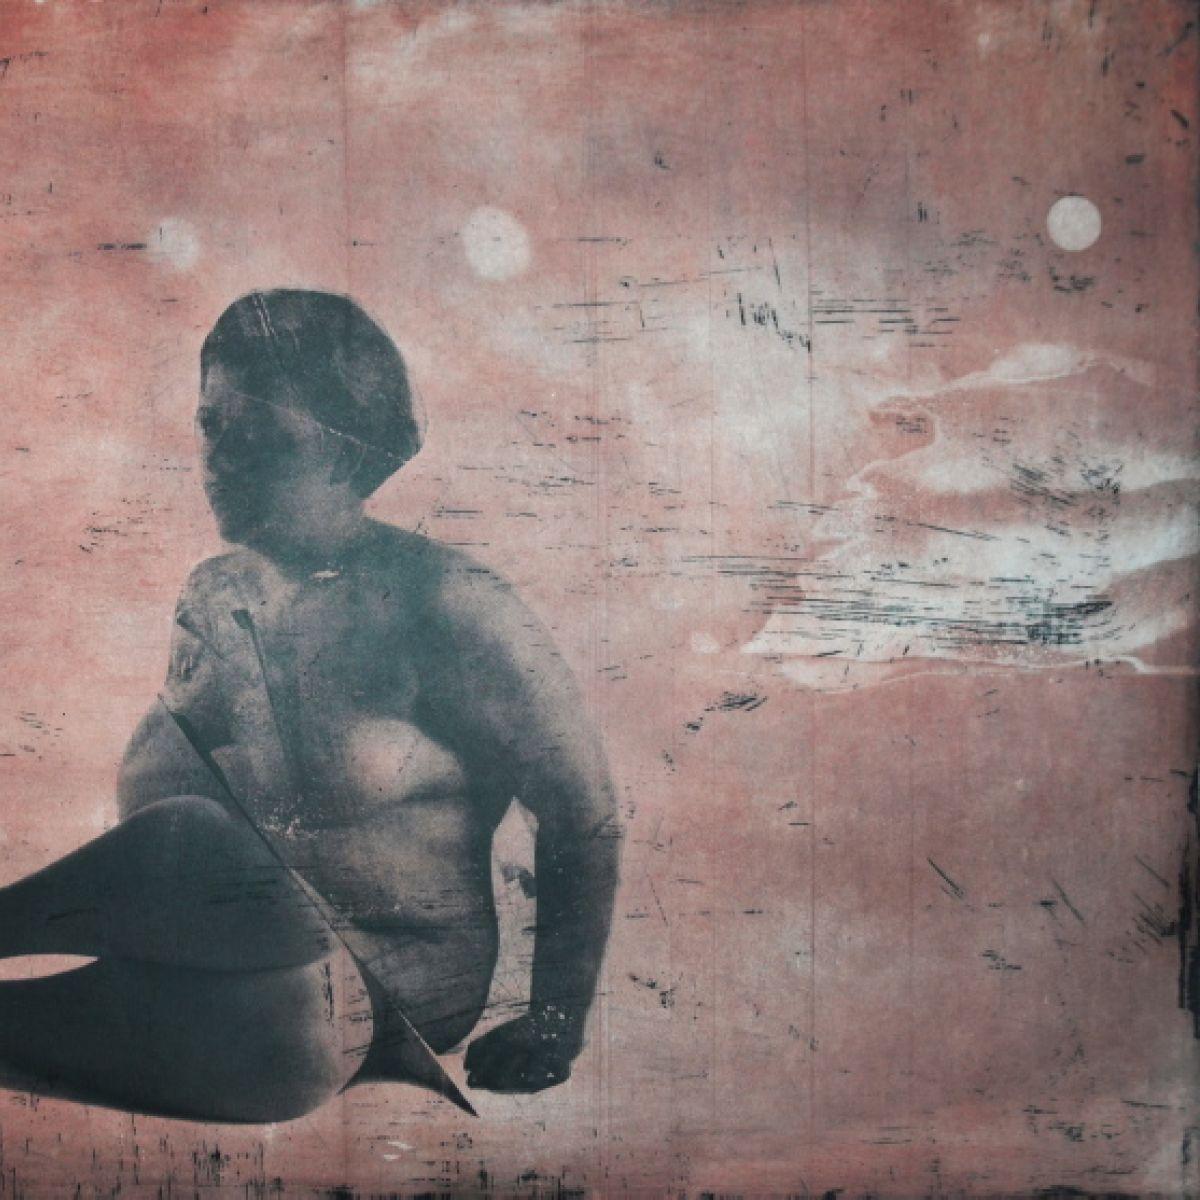 """Pod patronatem Gallerystore: Agata Żołądź́ - wystawa grafiki pt. """"Obcy"""""""